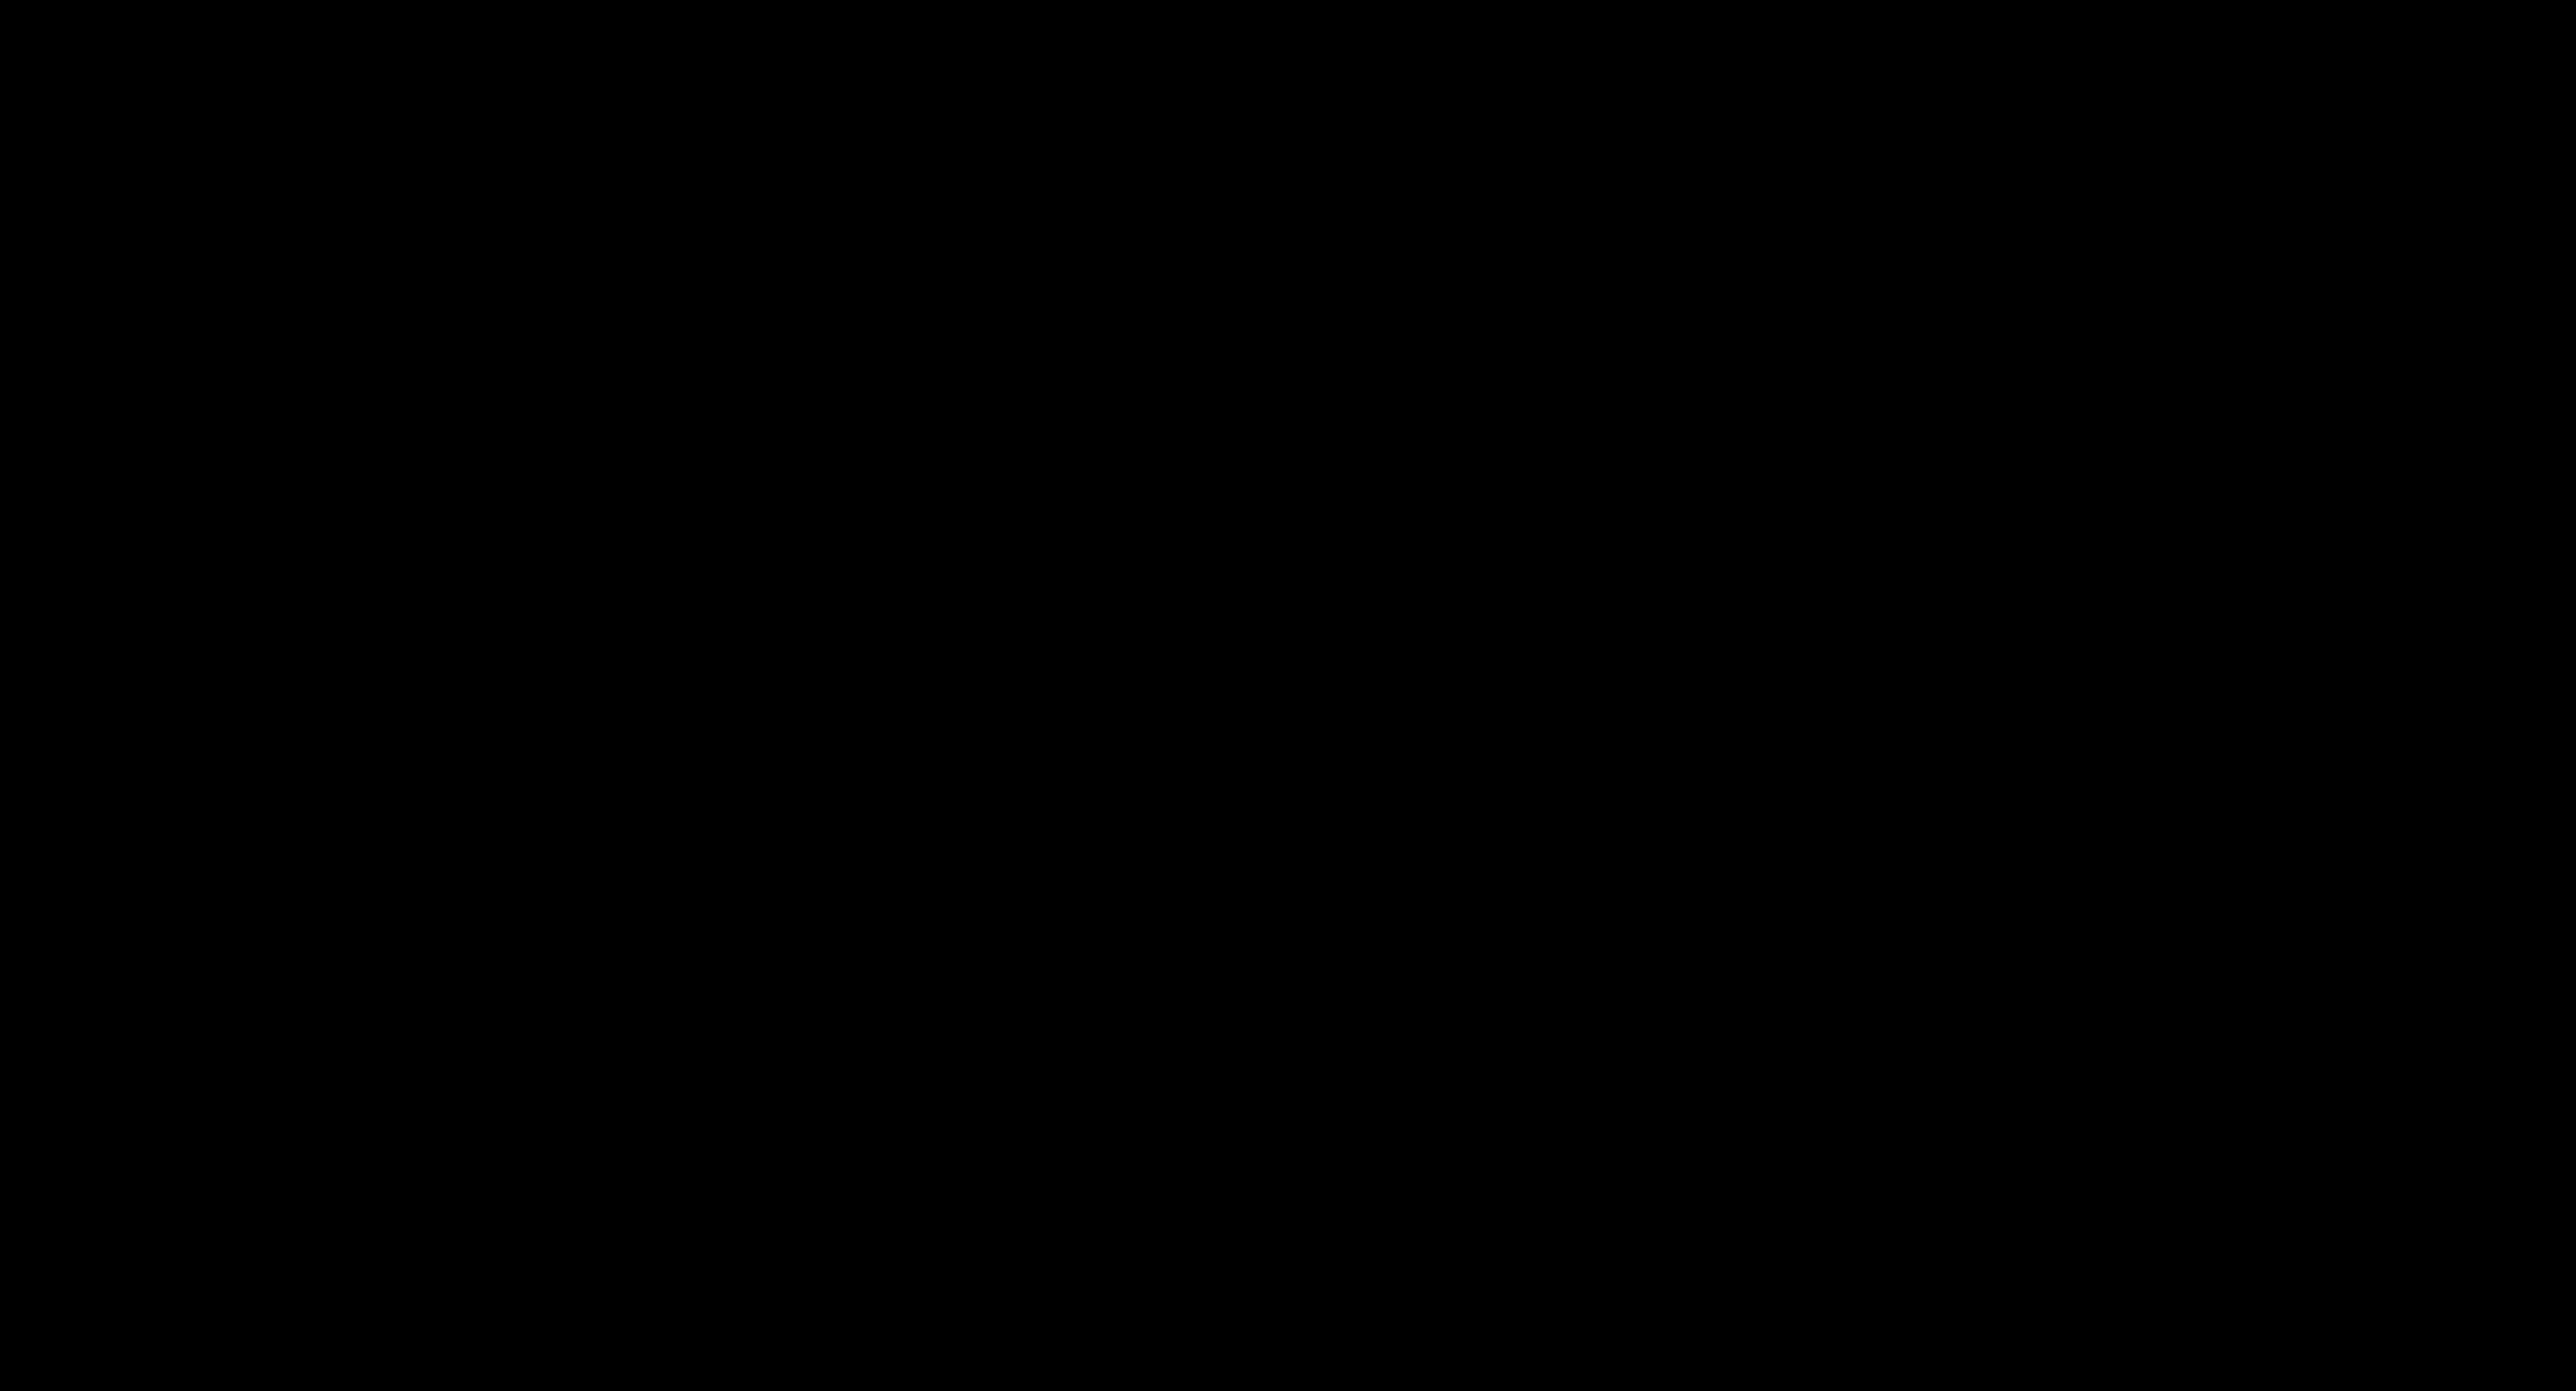 2-[(N-Dansyl-d<sub>6</sub>-biocytin)amido]ethyl methanethiosulfonate